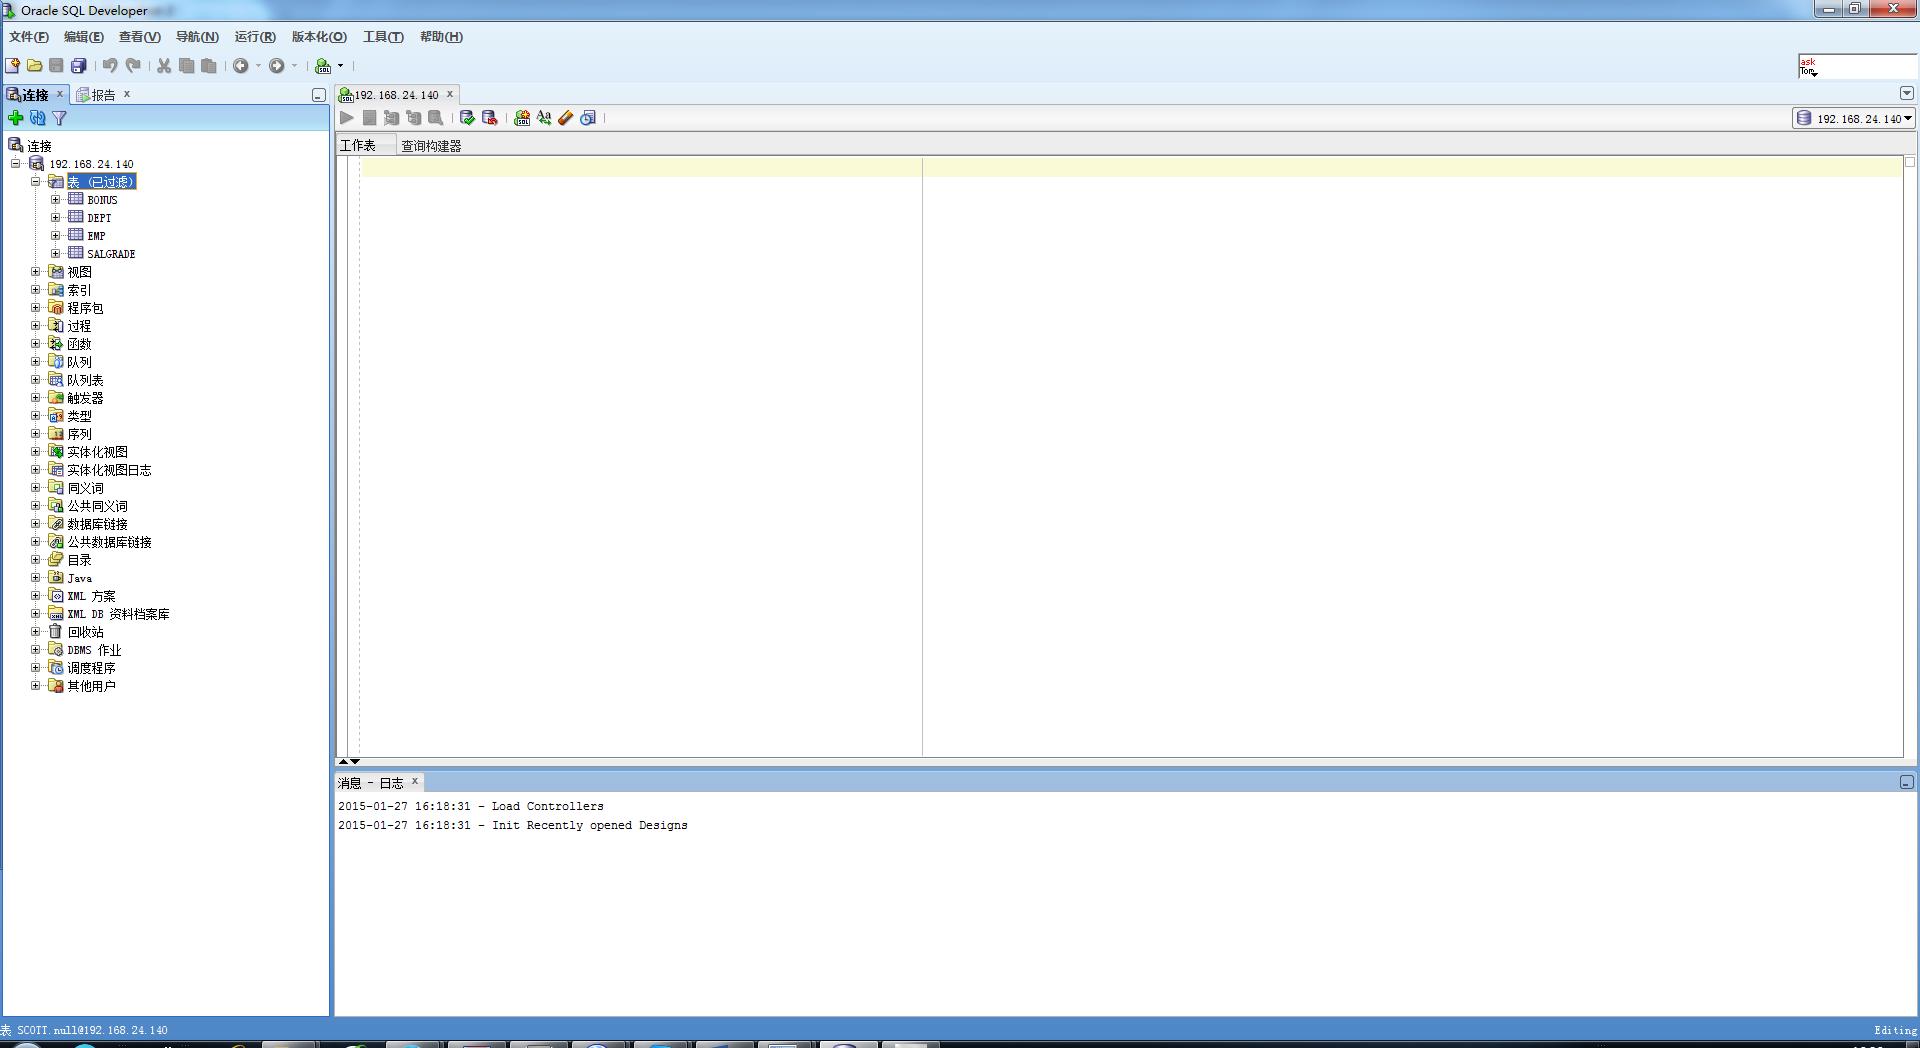 CentOS 6.4 64bit 安装Oracle 10G 详解 - 第59张  | 我的系统记录